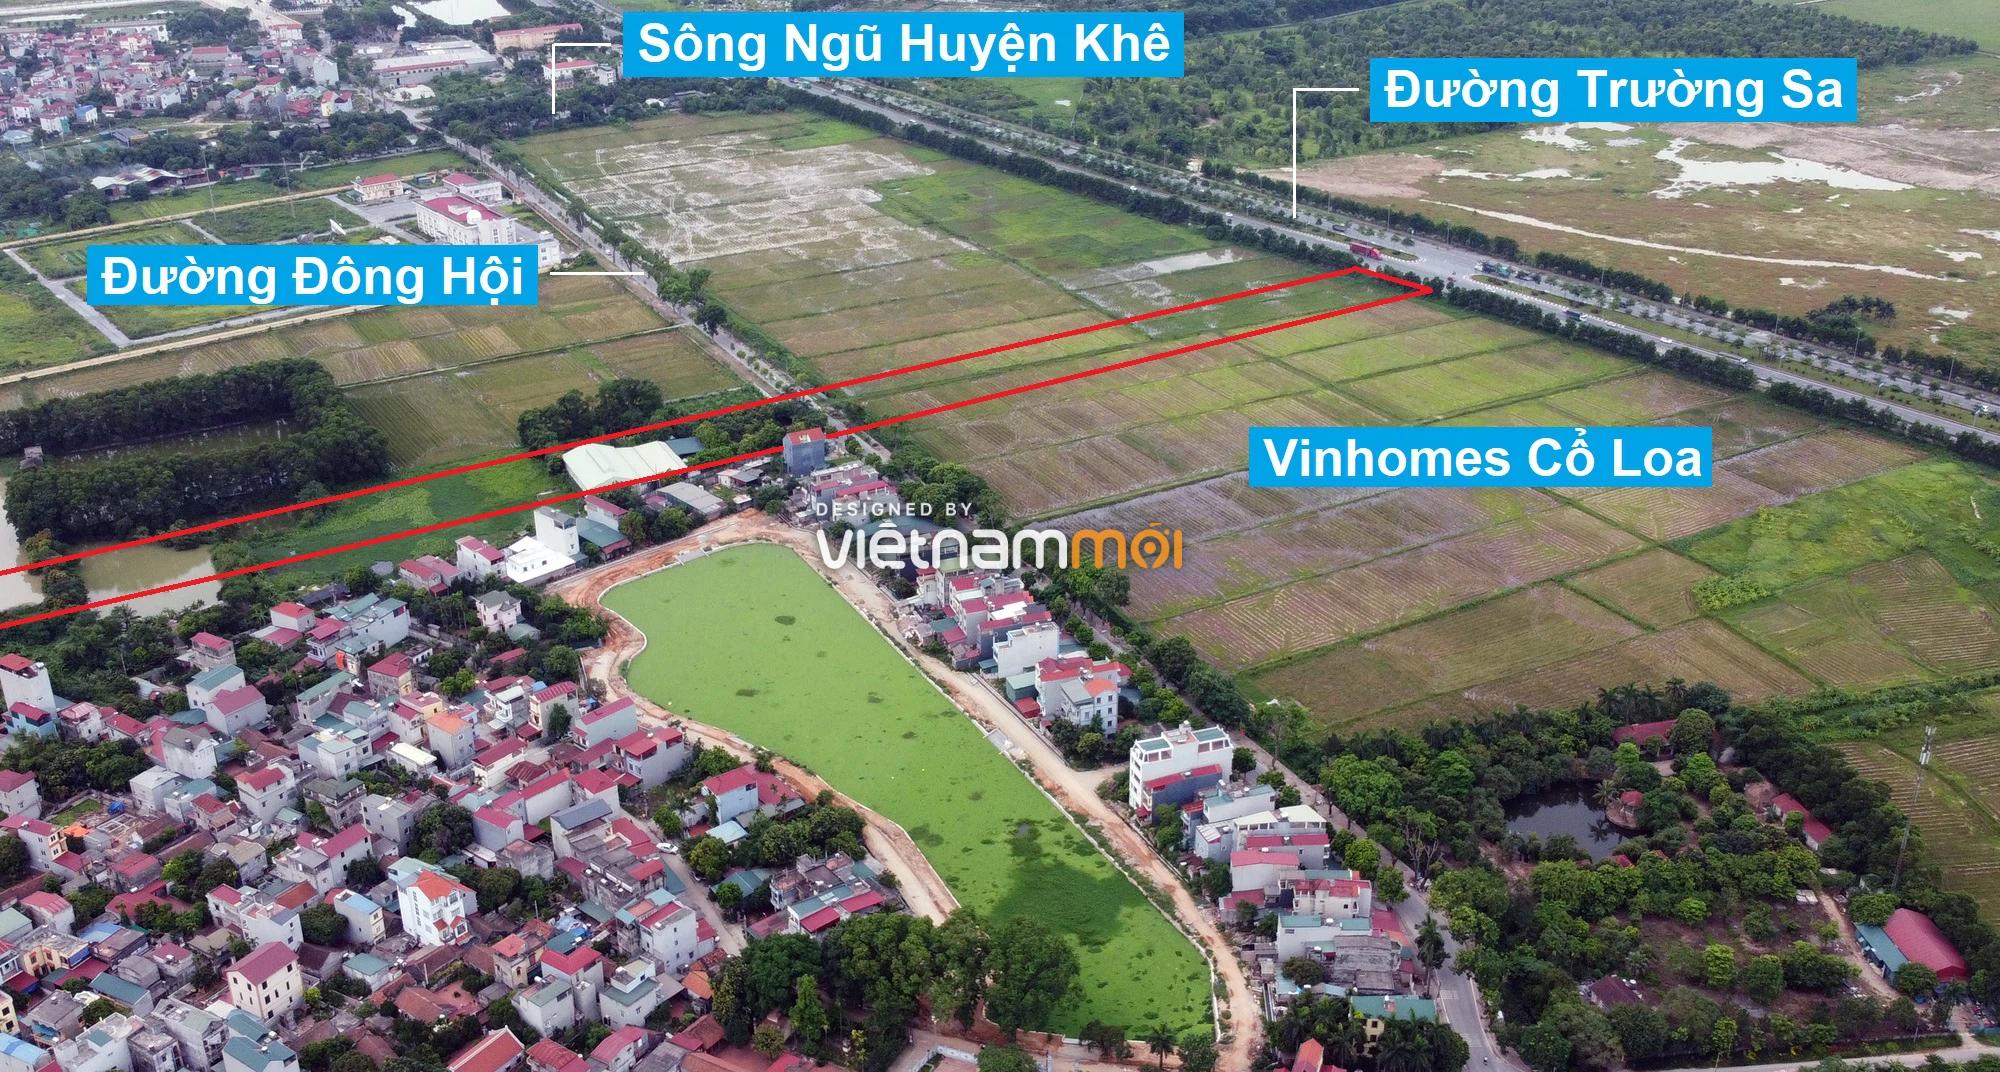 Đường sẽ mở theo quy hoạch xung quanh khu đô thị Vinhomes Cổ Loa (phần 2) - Ảnh 2.